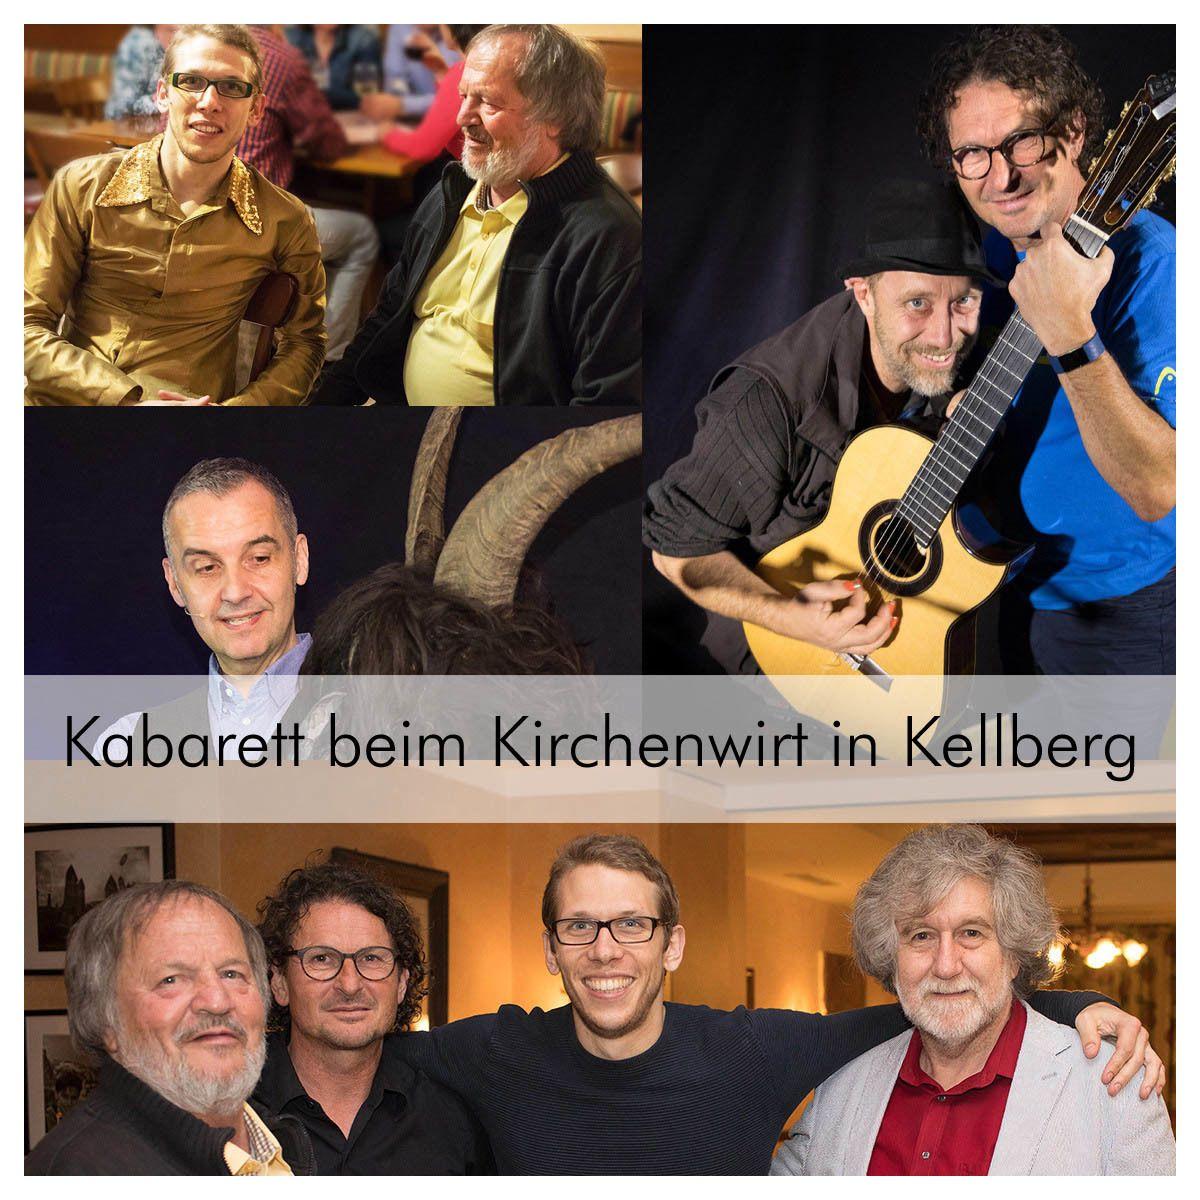 Kabarett beim Kirchenwirt Kellberg